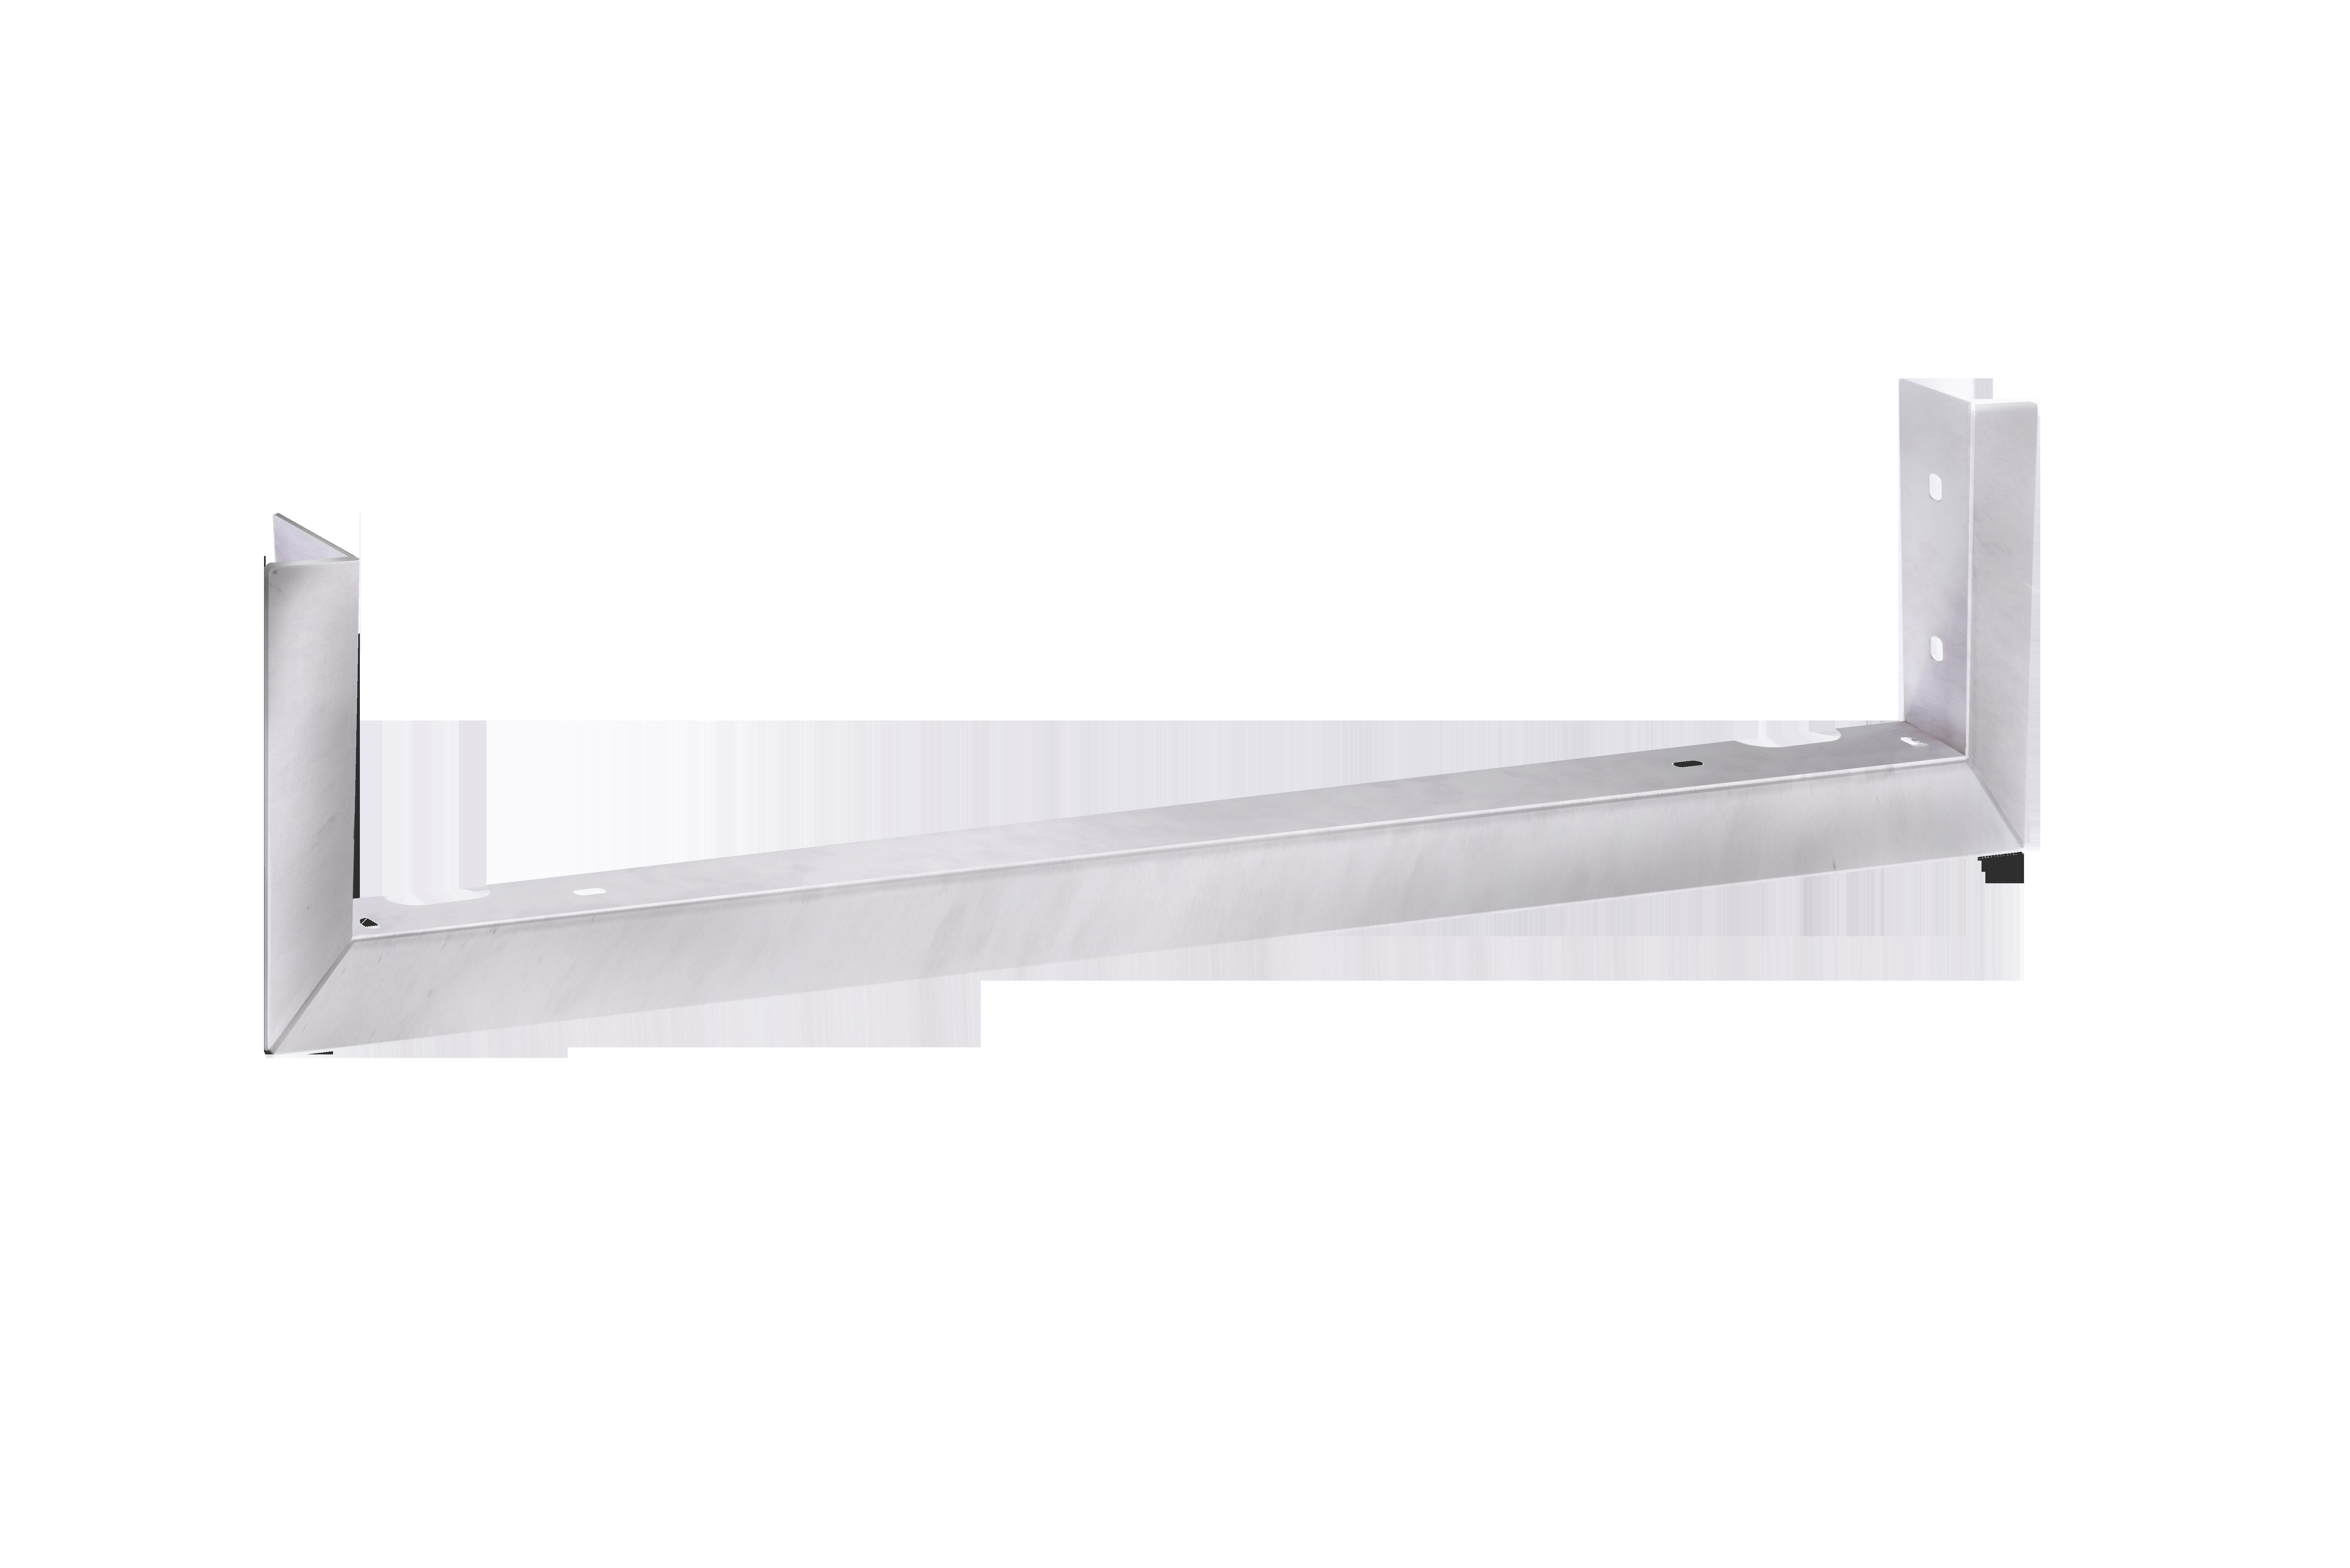 Лиштва для вбудованого гриля SABER® з 4 пальниками